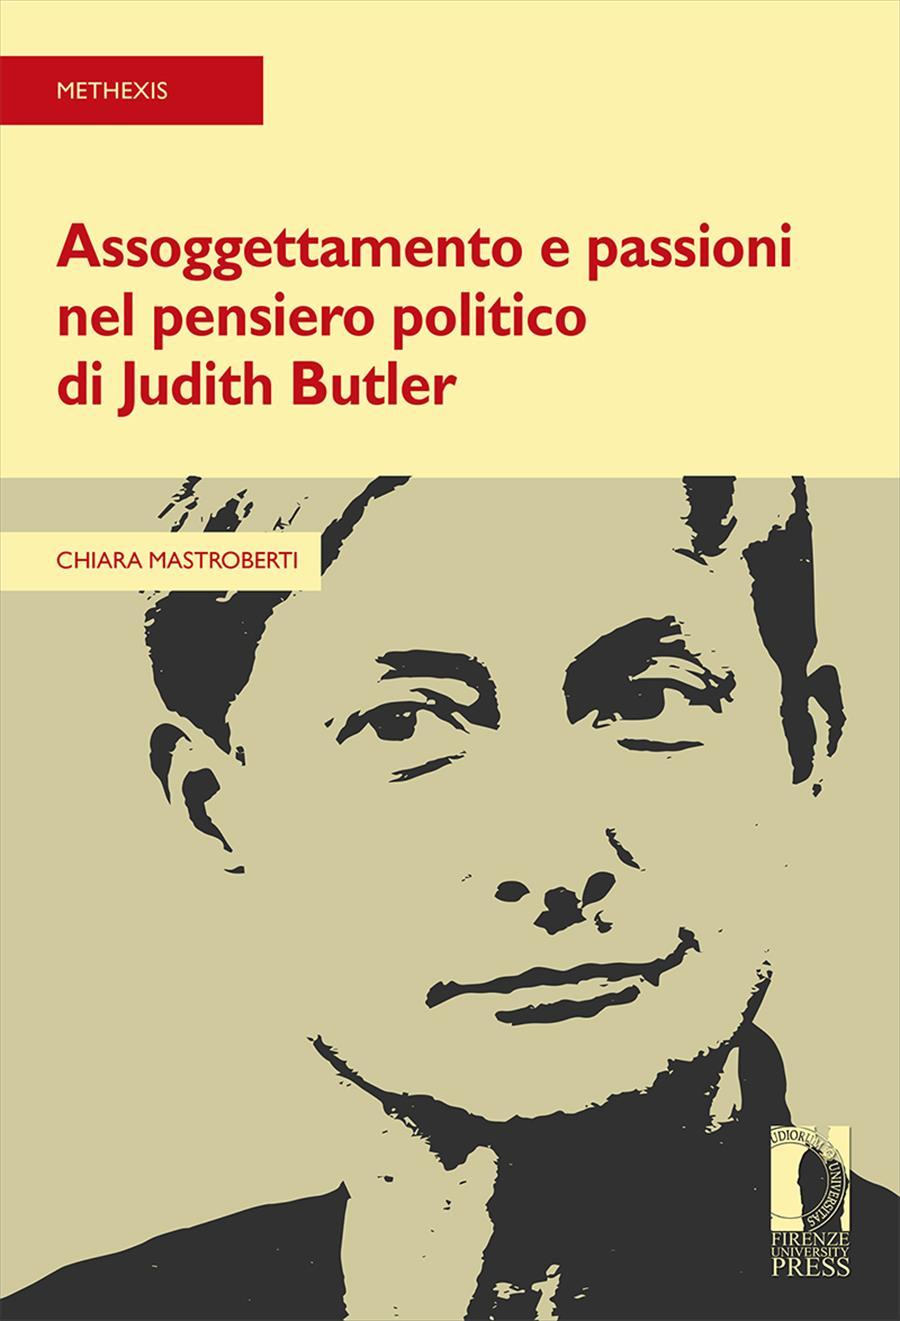 Assoggettamento e passioni nel pensiero politico di Judith Butler